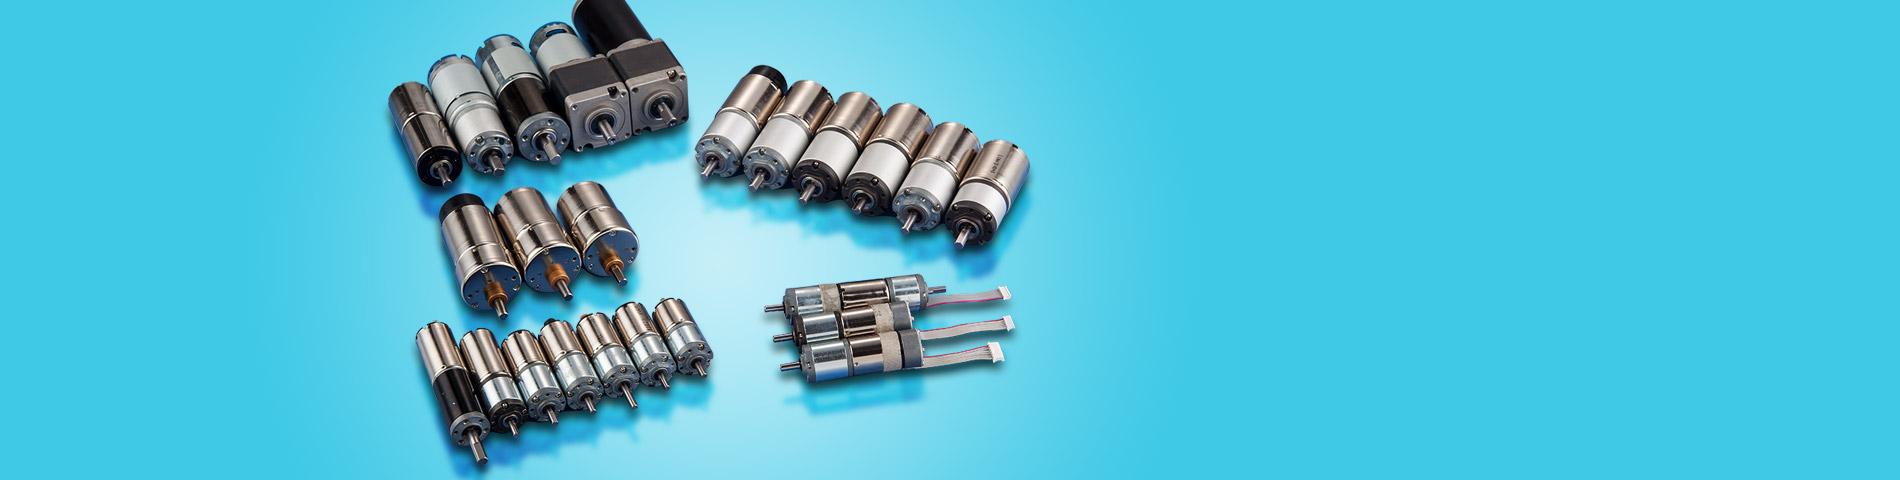 專業研發及生產 小型直流齒輪馬達 供應商